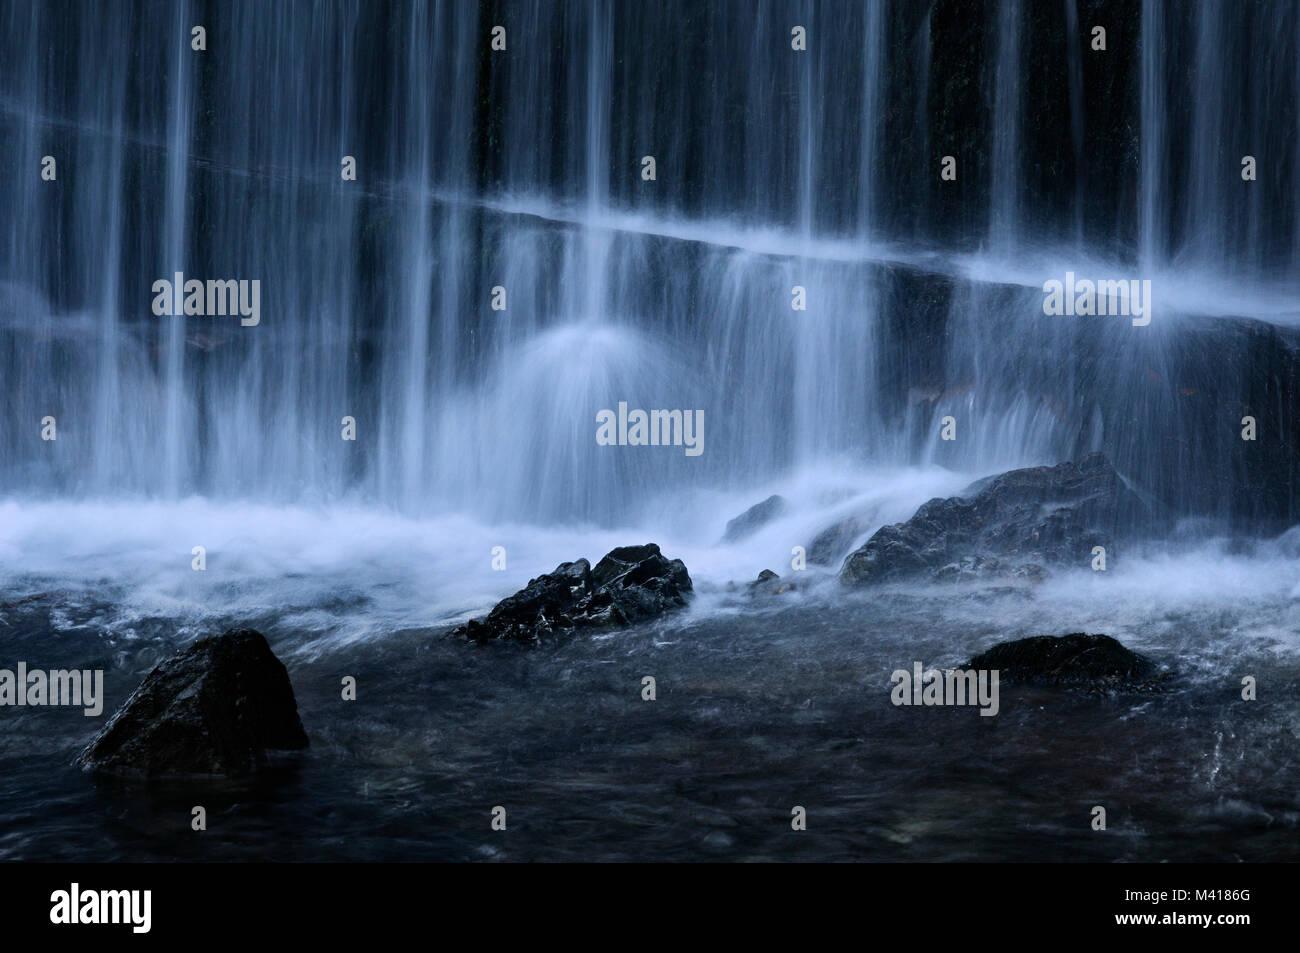 Teilweise eingetaucht Felsen inmitten der Mächtigen ethereal Fluss von einem Wasserfall. Stockbild